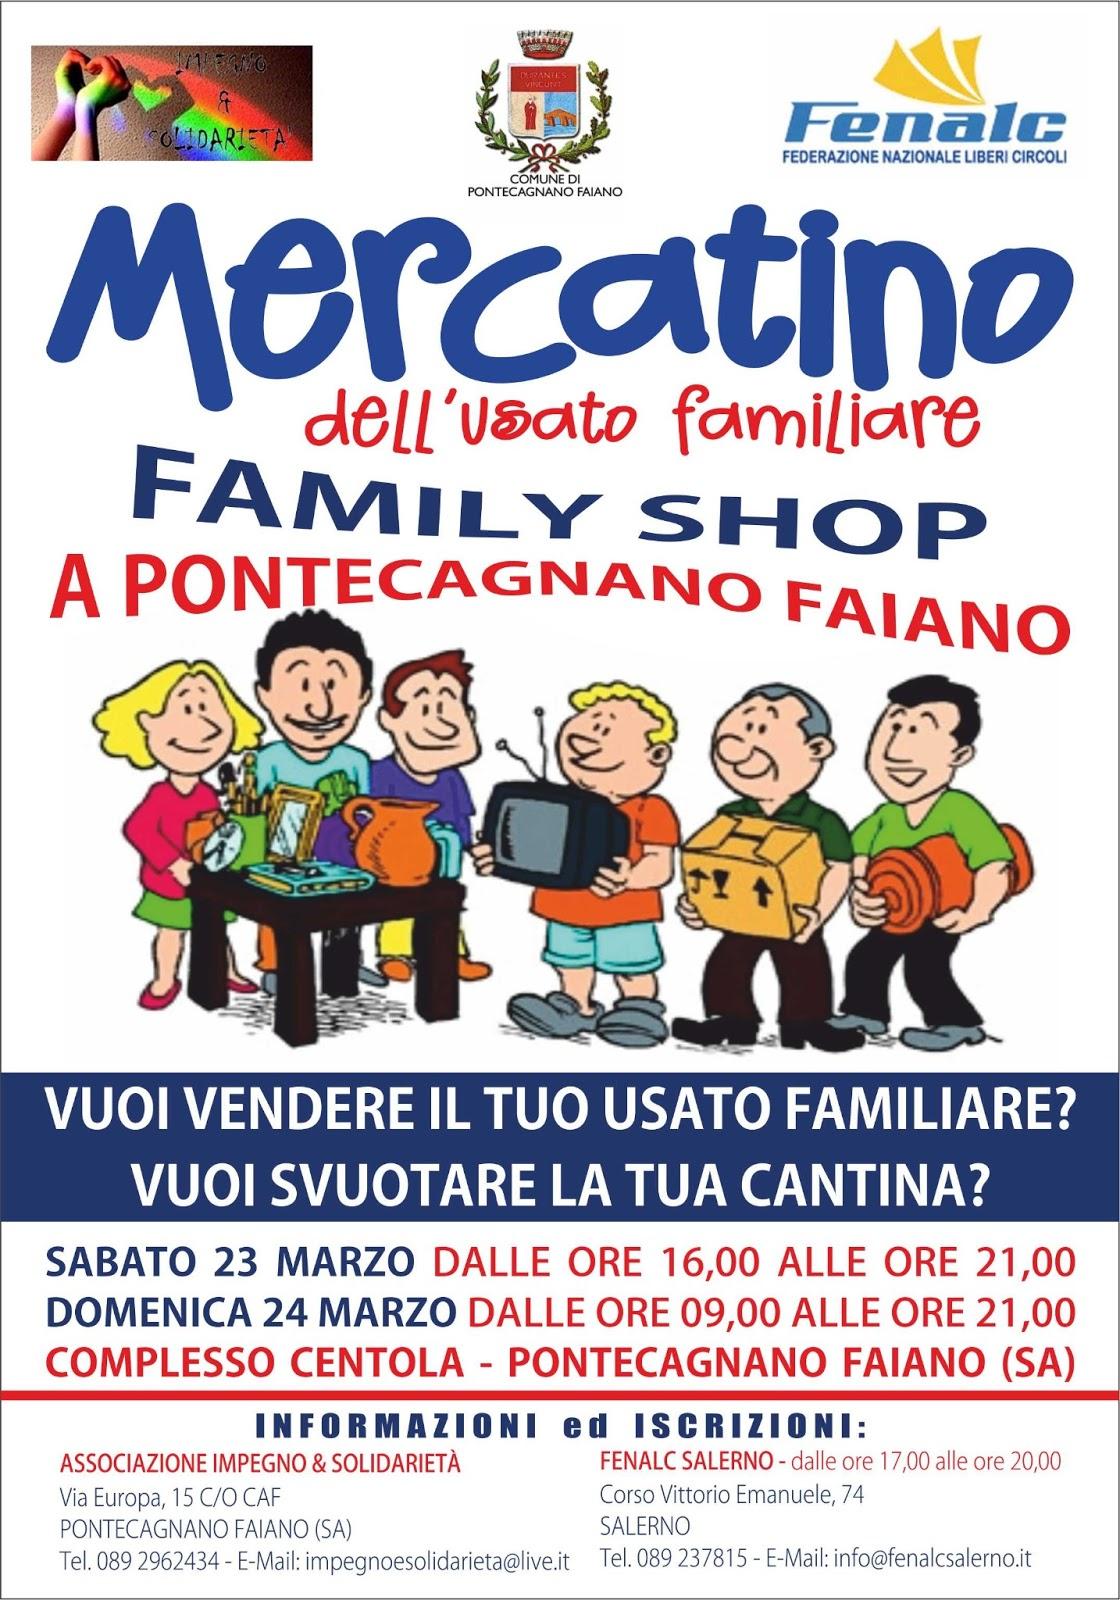 Il 23 E 24 Marzo 2013 Si è Svolto A Pontecagnano Faiano (SA) Il Family  Shop, Un Mercatino Dellu0027usato Familiare E Dellu0027artigianato Locale.